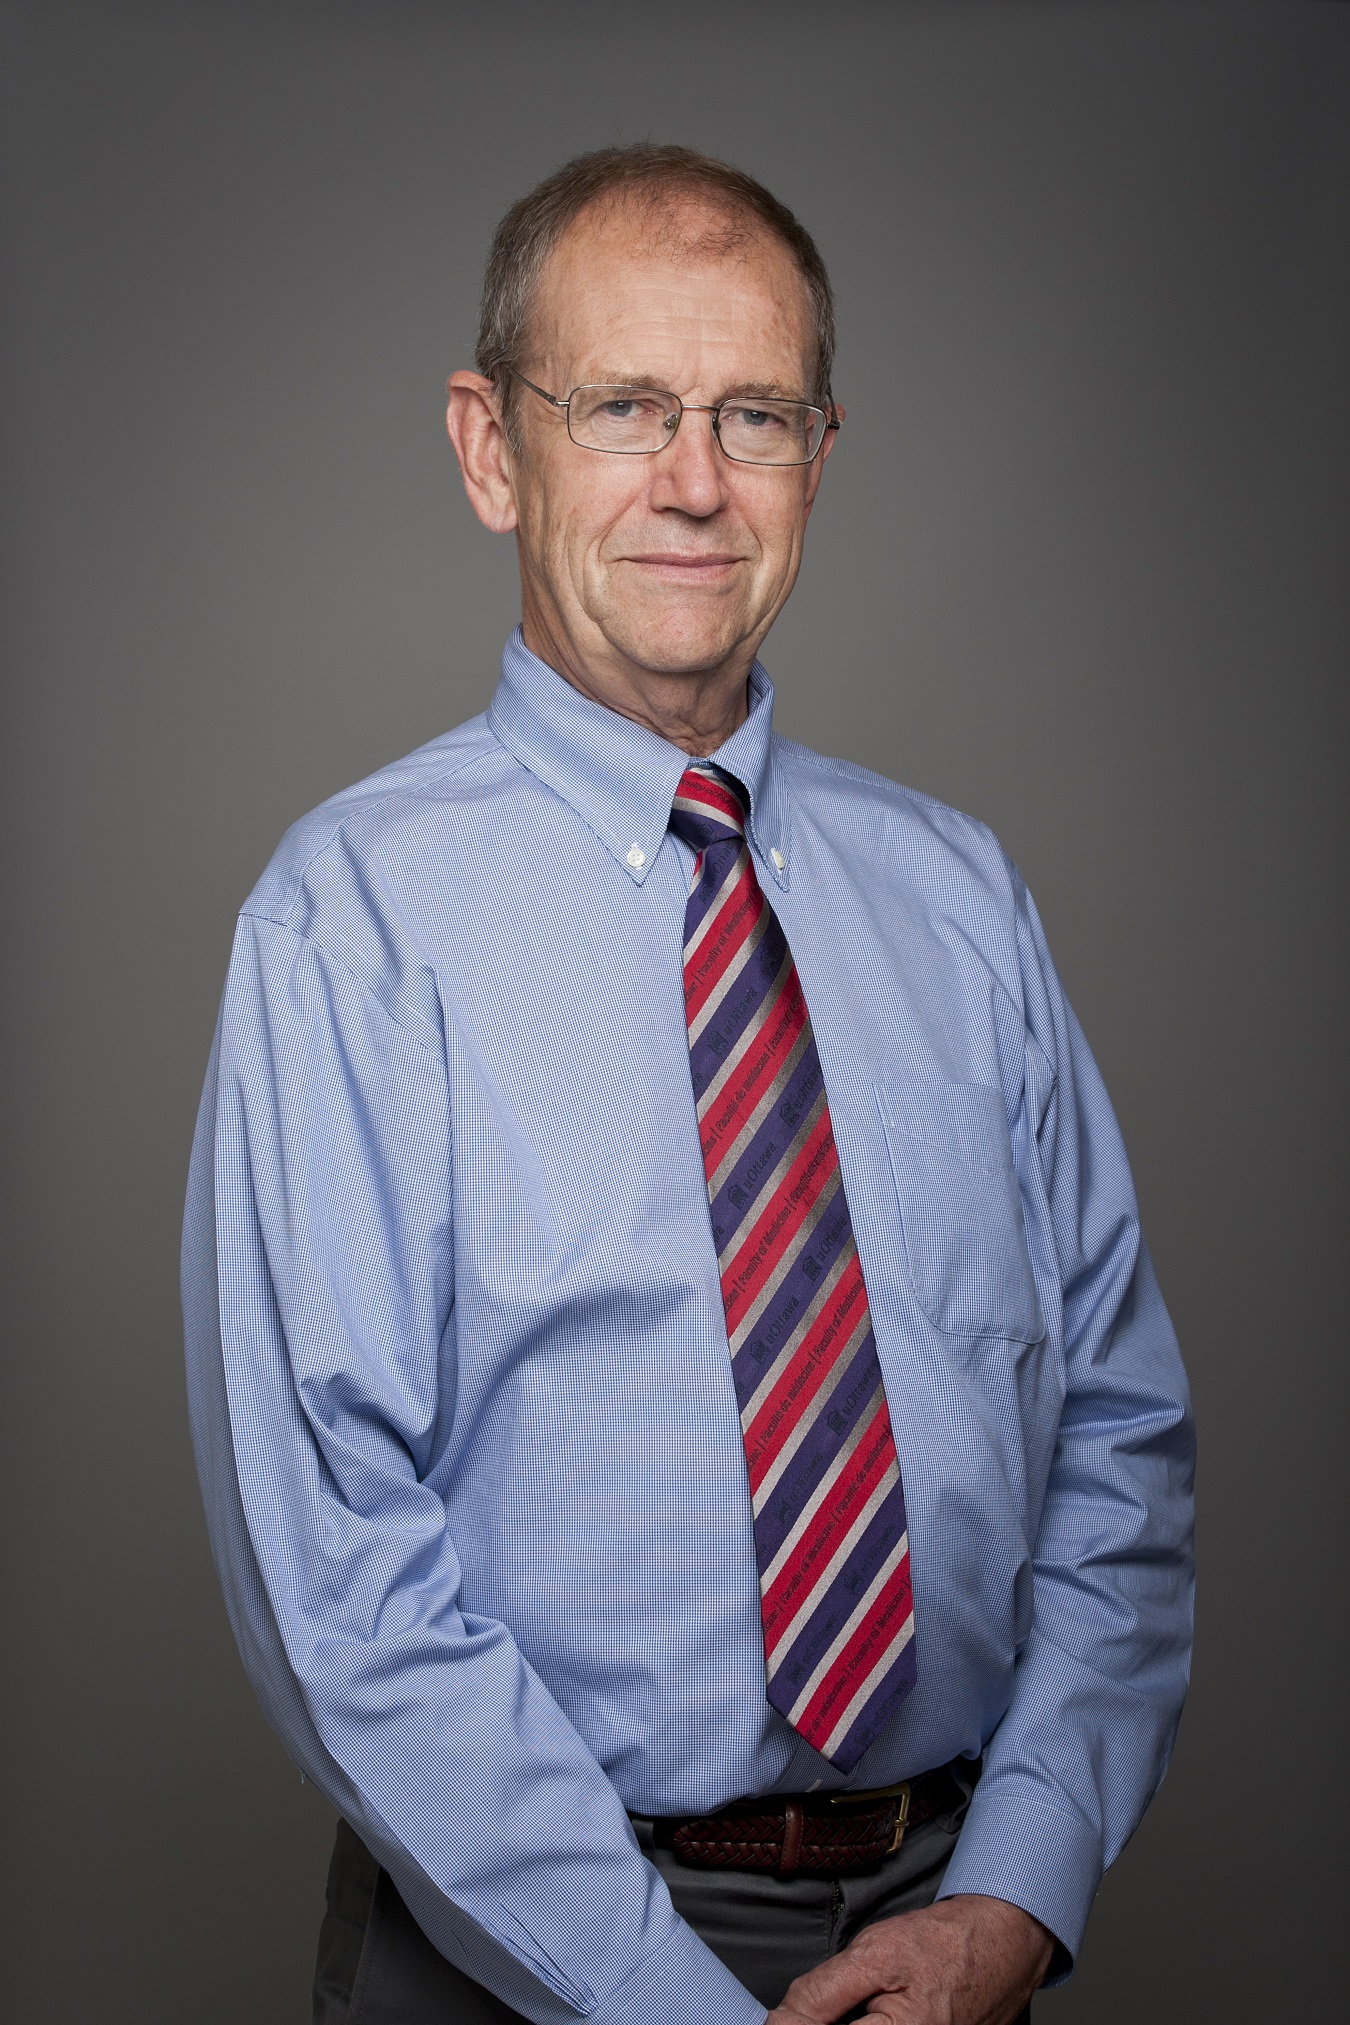 Docteur Tugwell de l'Université d'Ottawa